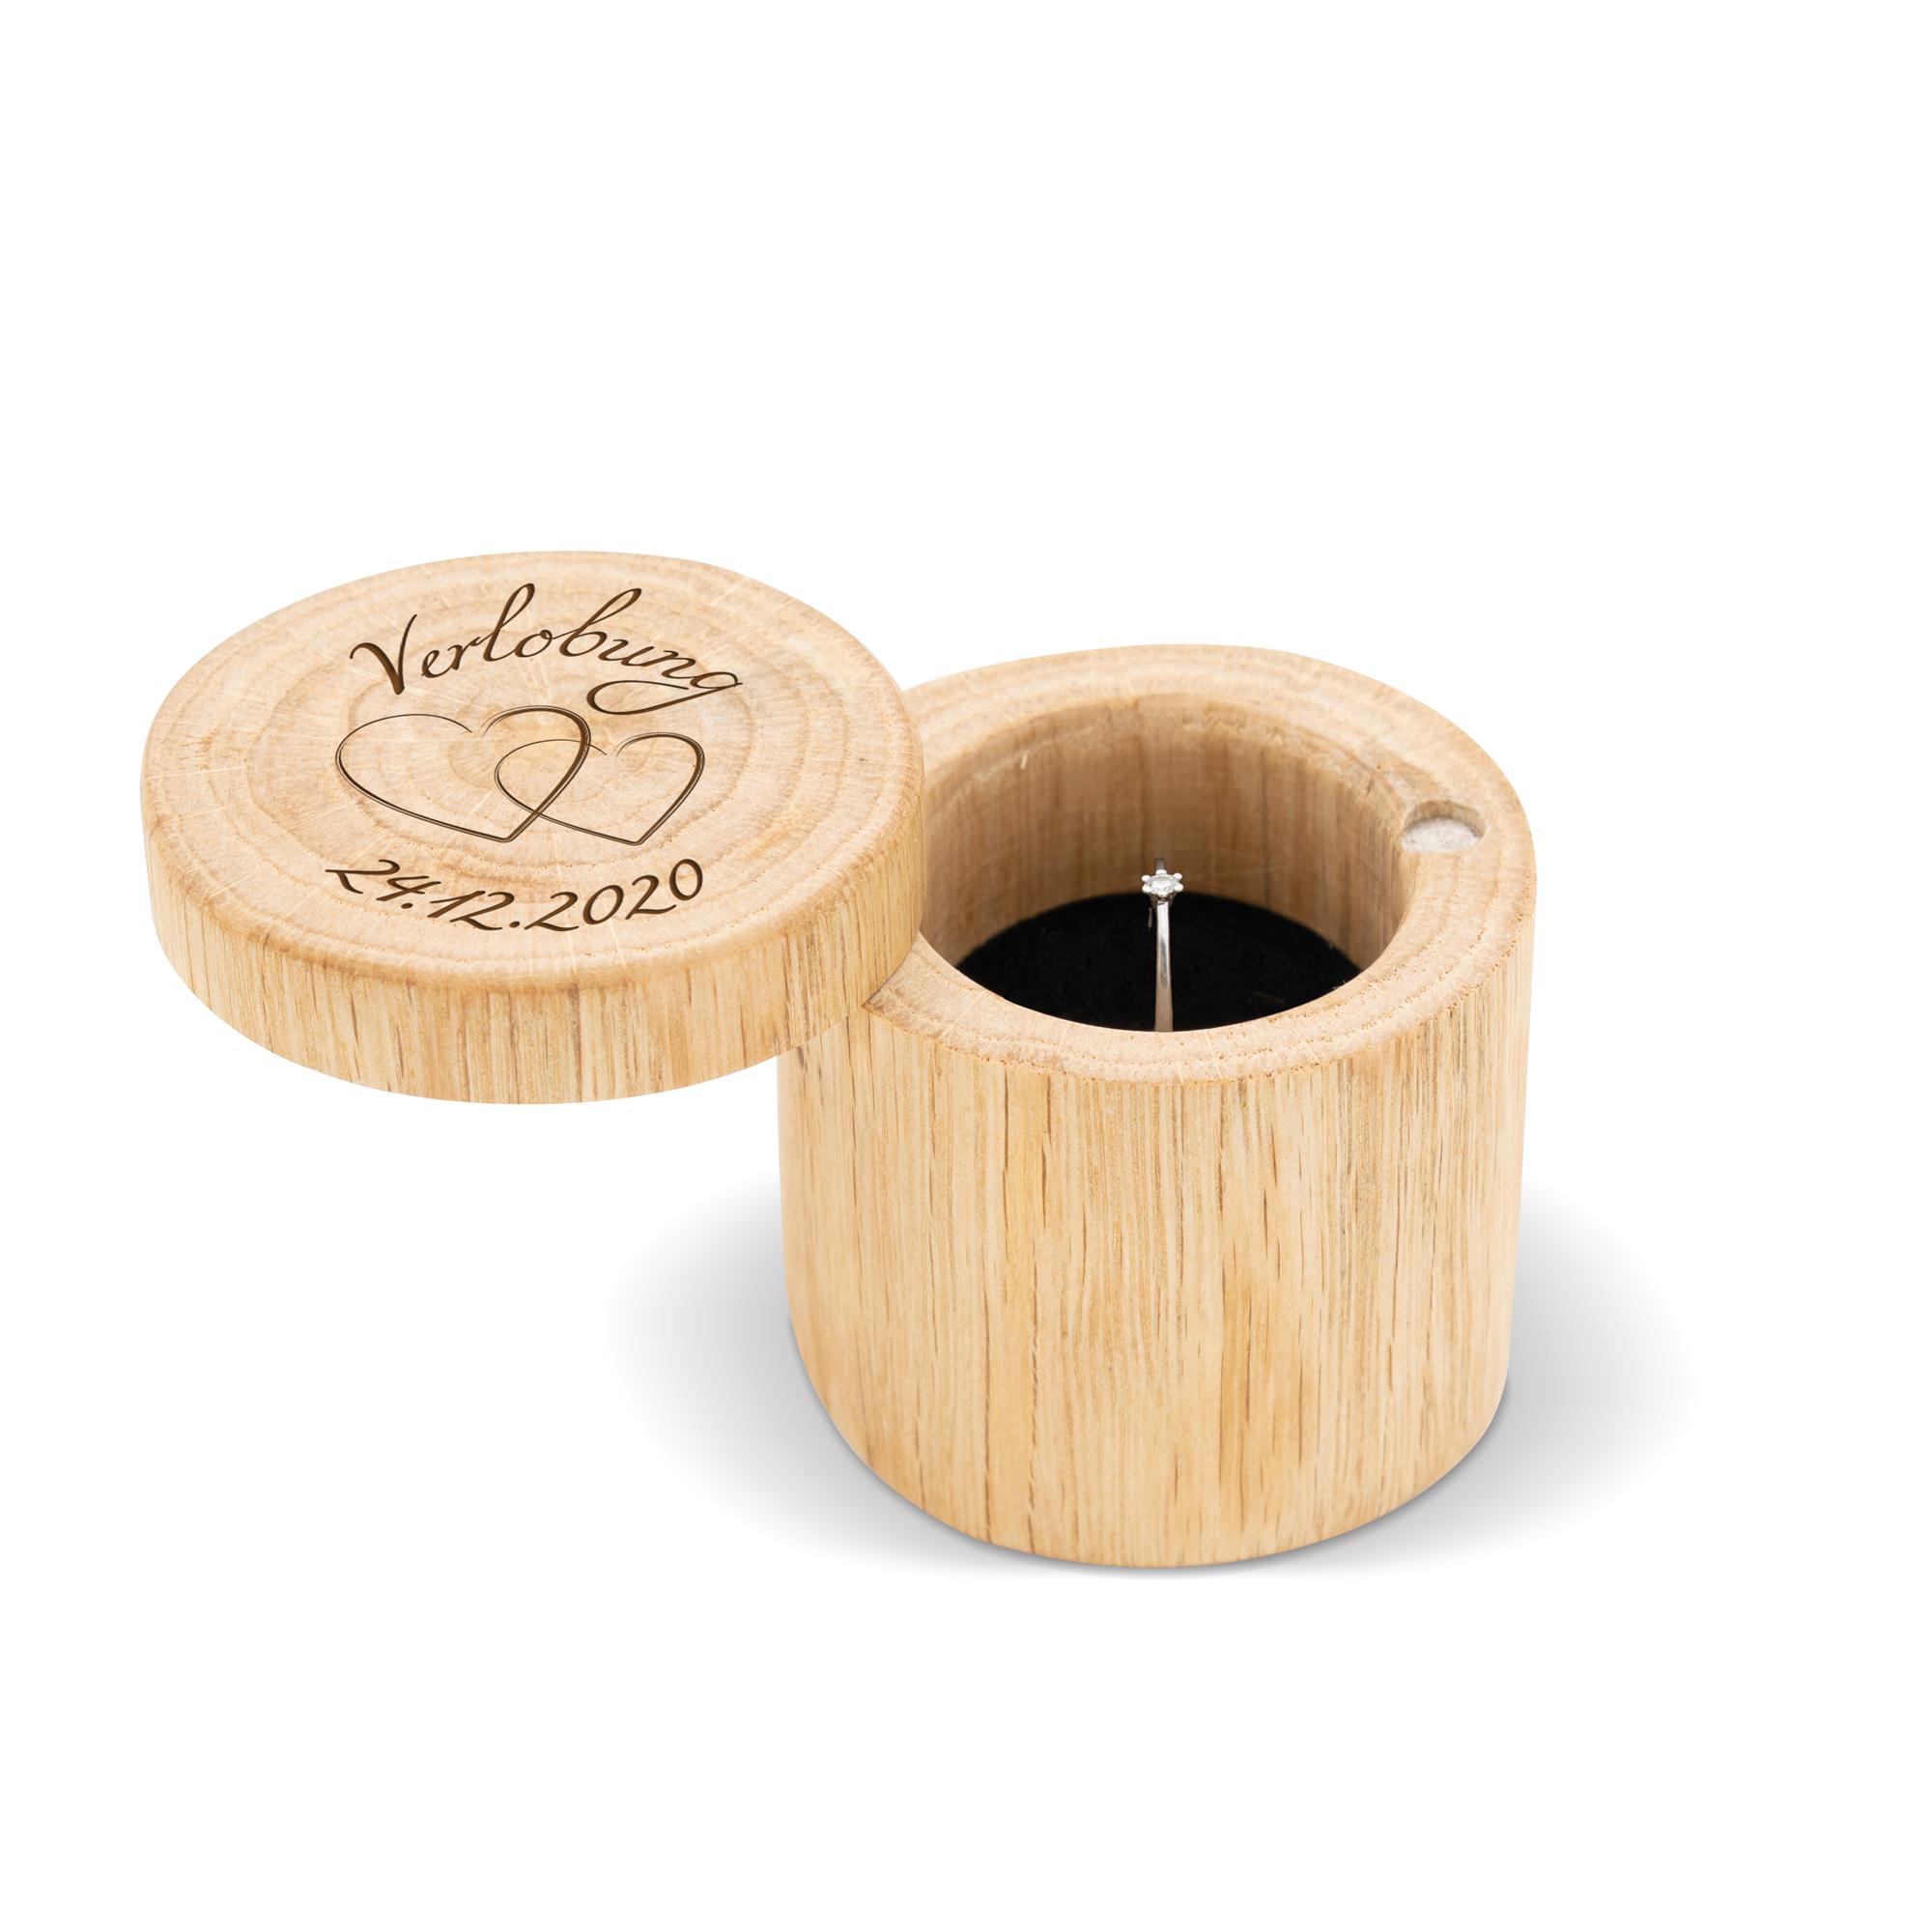 Ringbox zur Verlobung aus Holz mit Herzen und persönlichem Datum graviert, mit magnetischem Verschluss